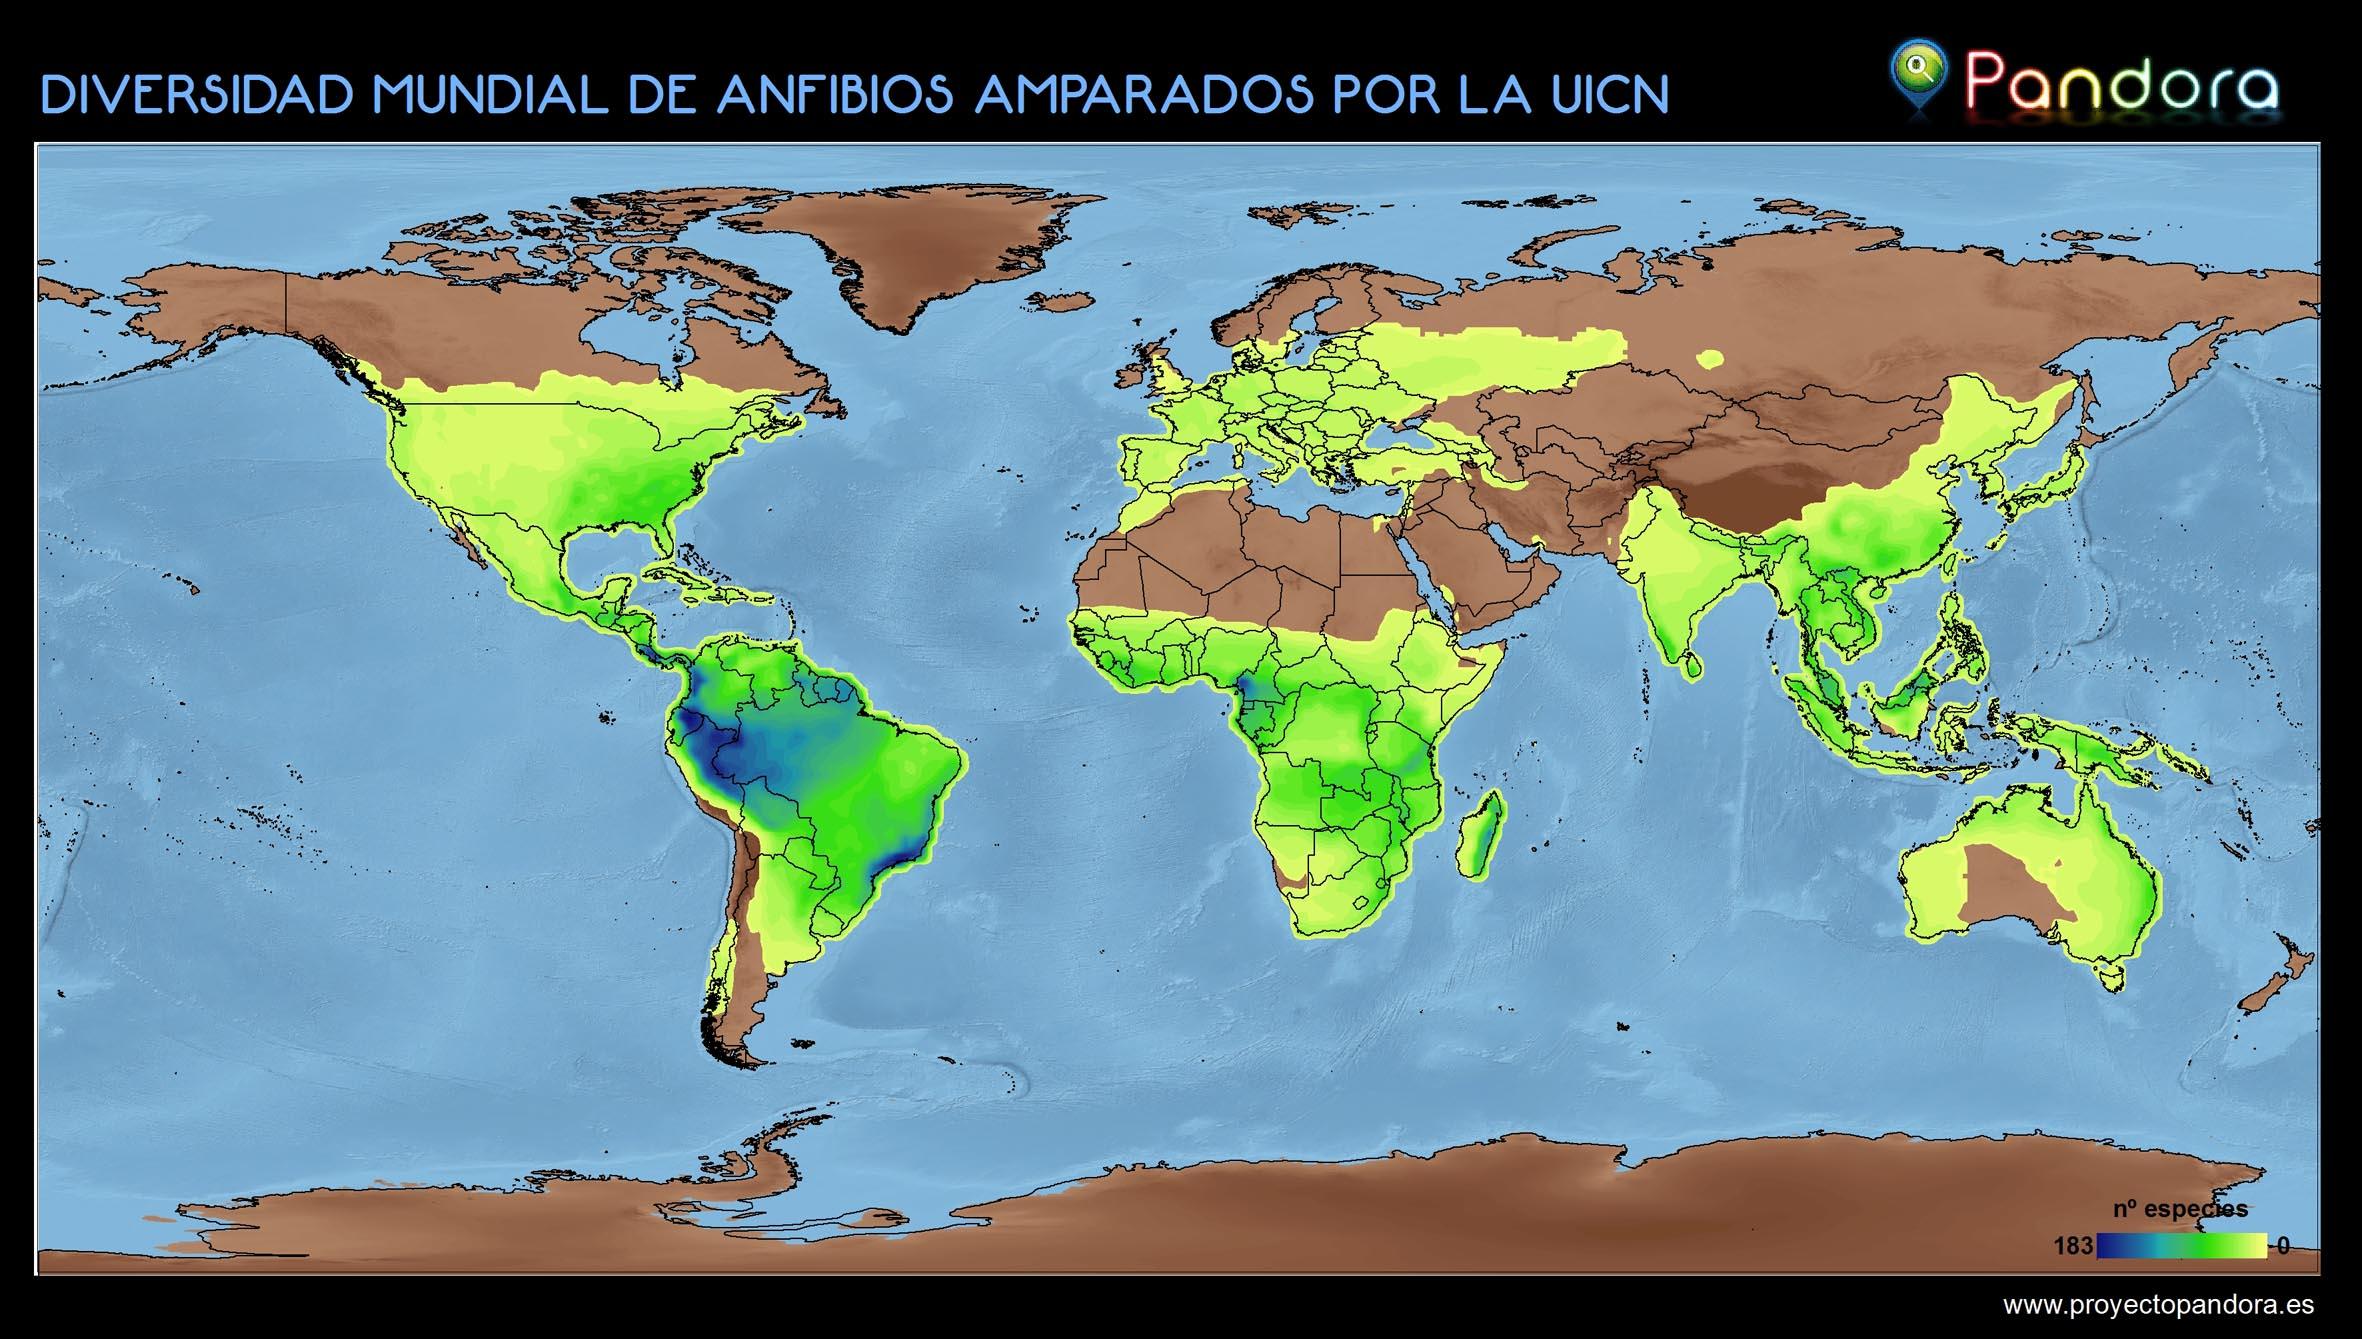 UICNanfibios